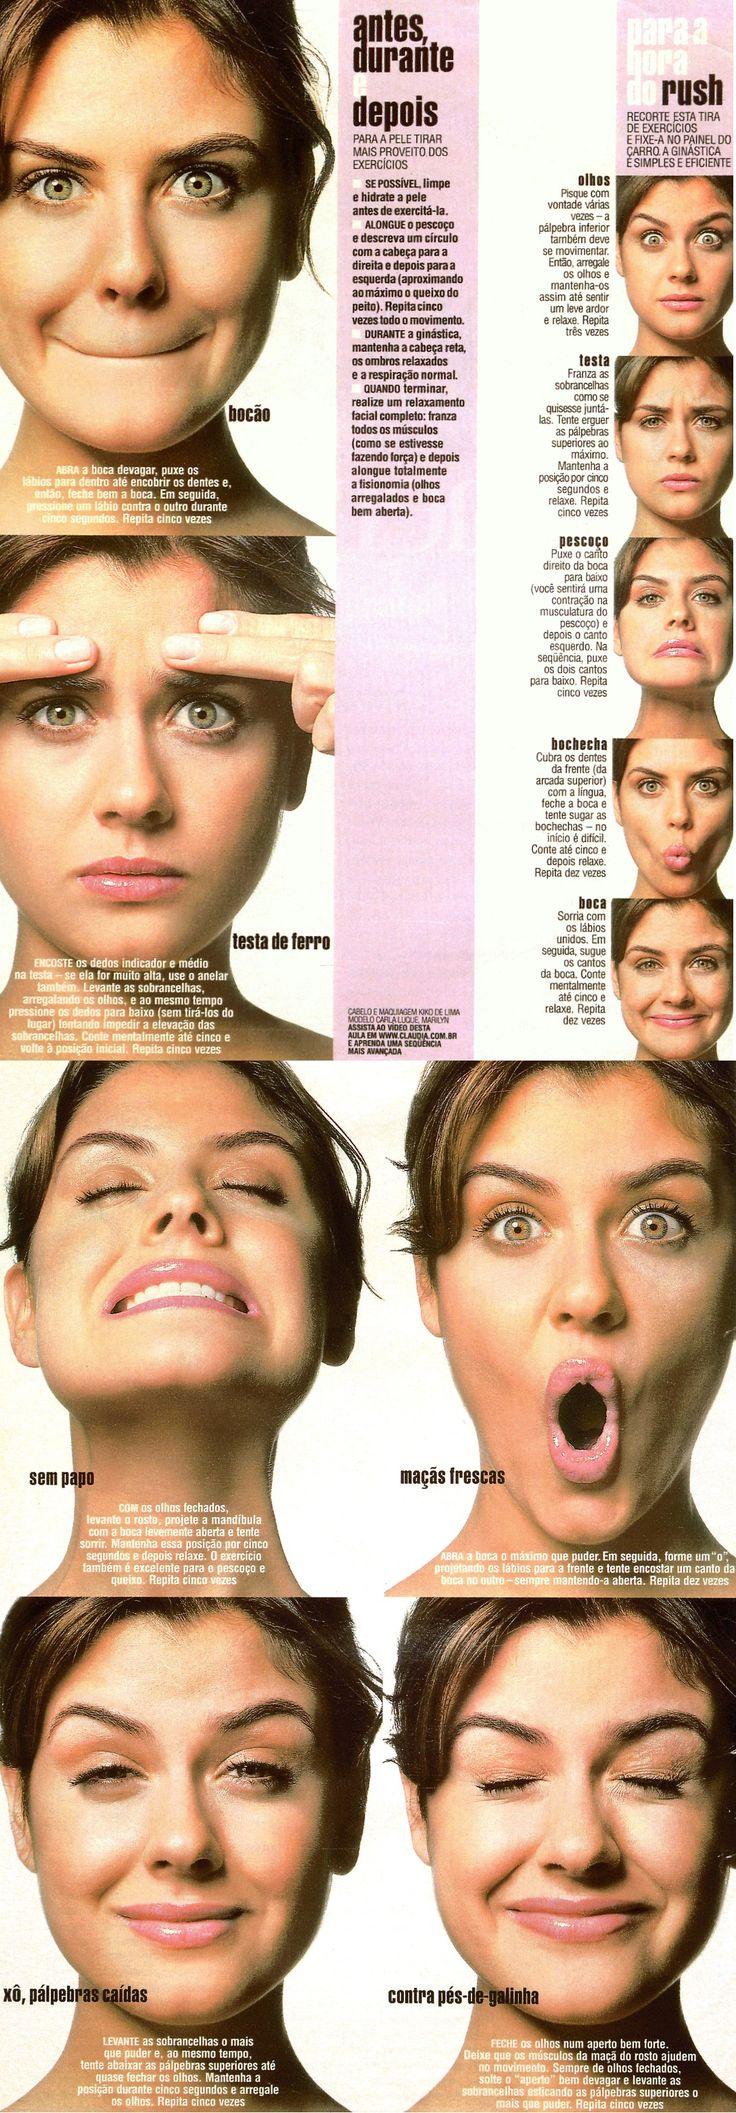 facial exercises - exercicios anti rugas